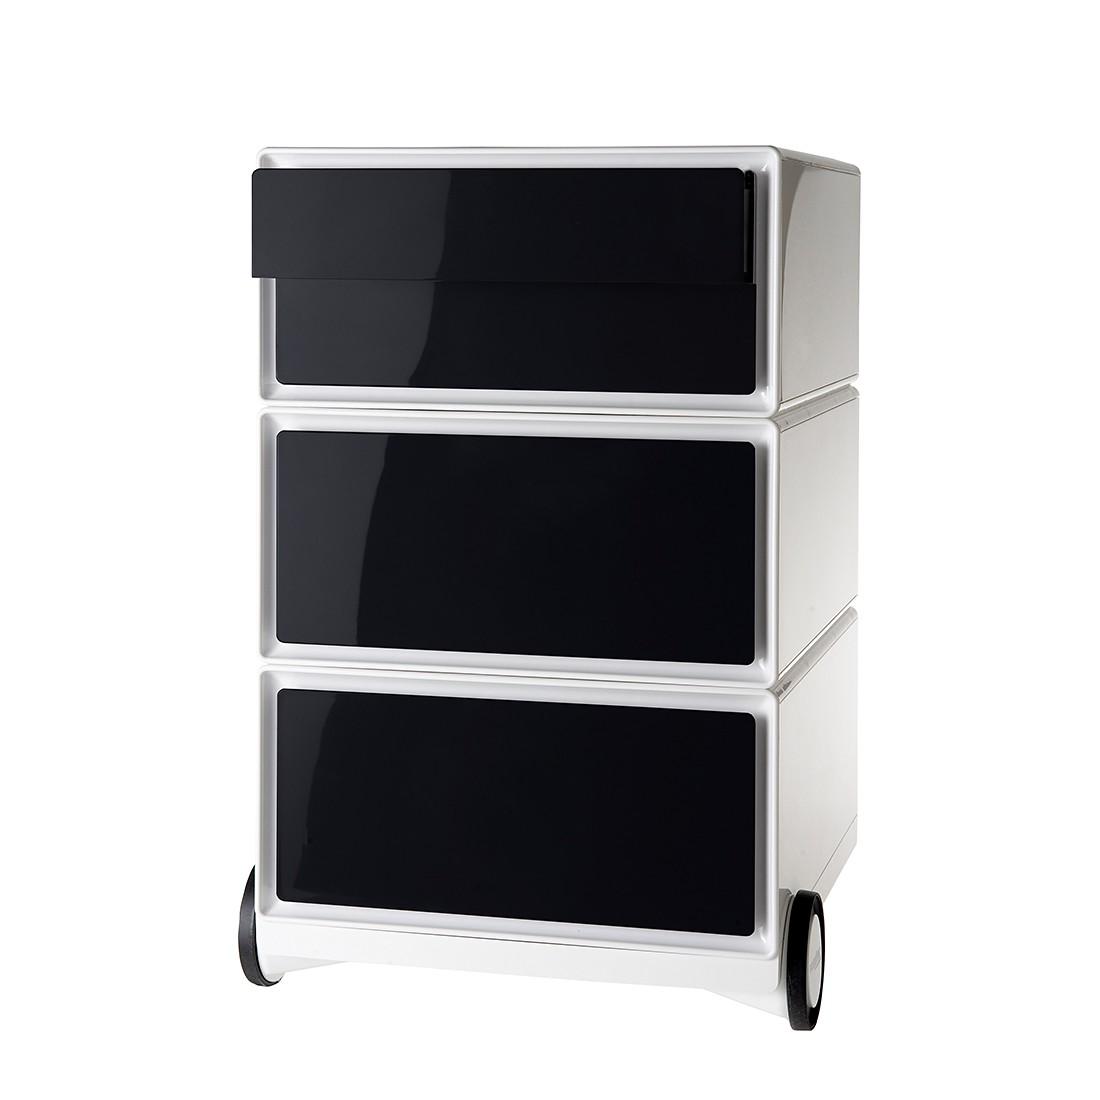 Rollcontainer easyBox II - Weiß / Schwarz, easy Office und Paperflow